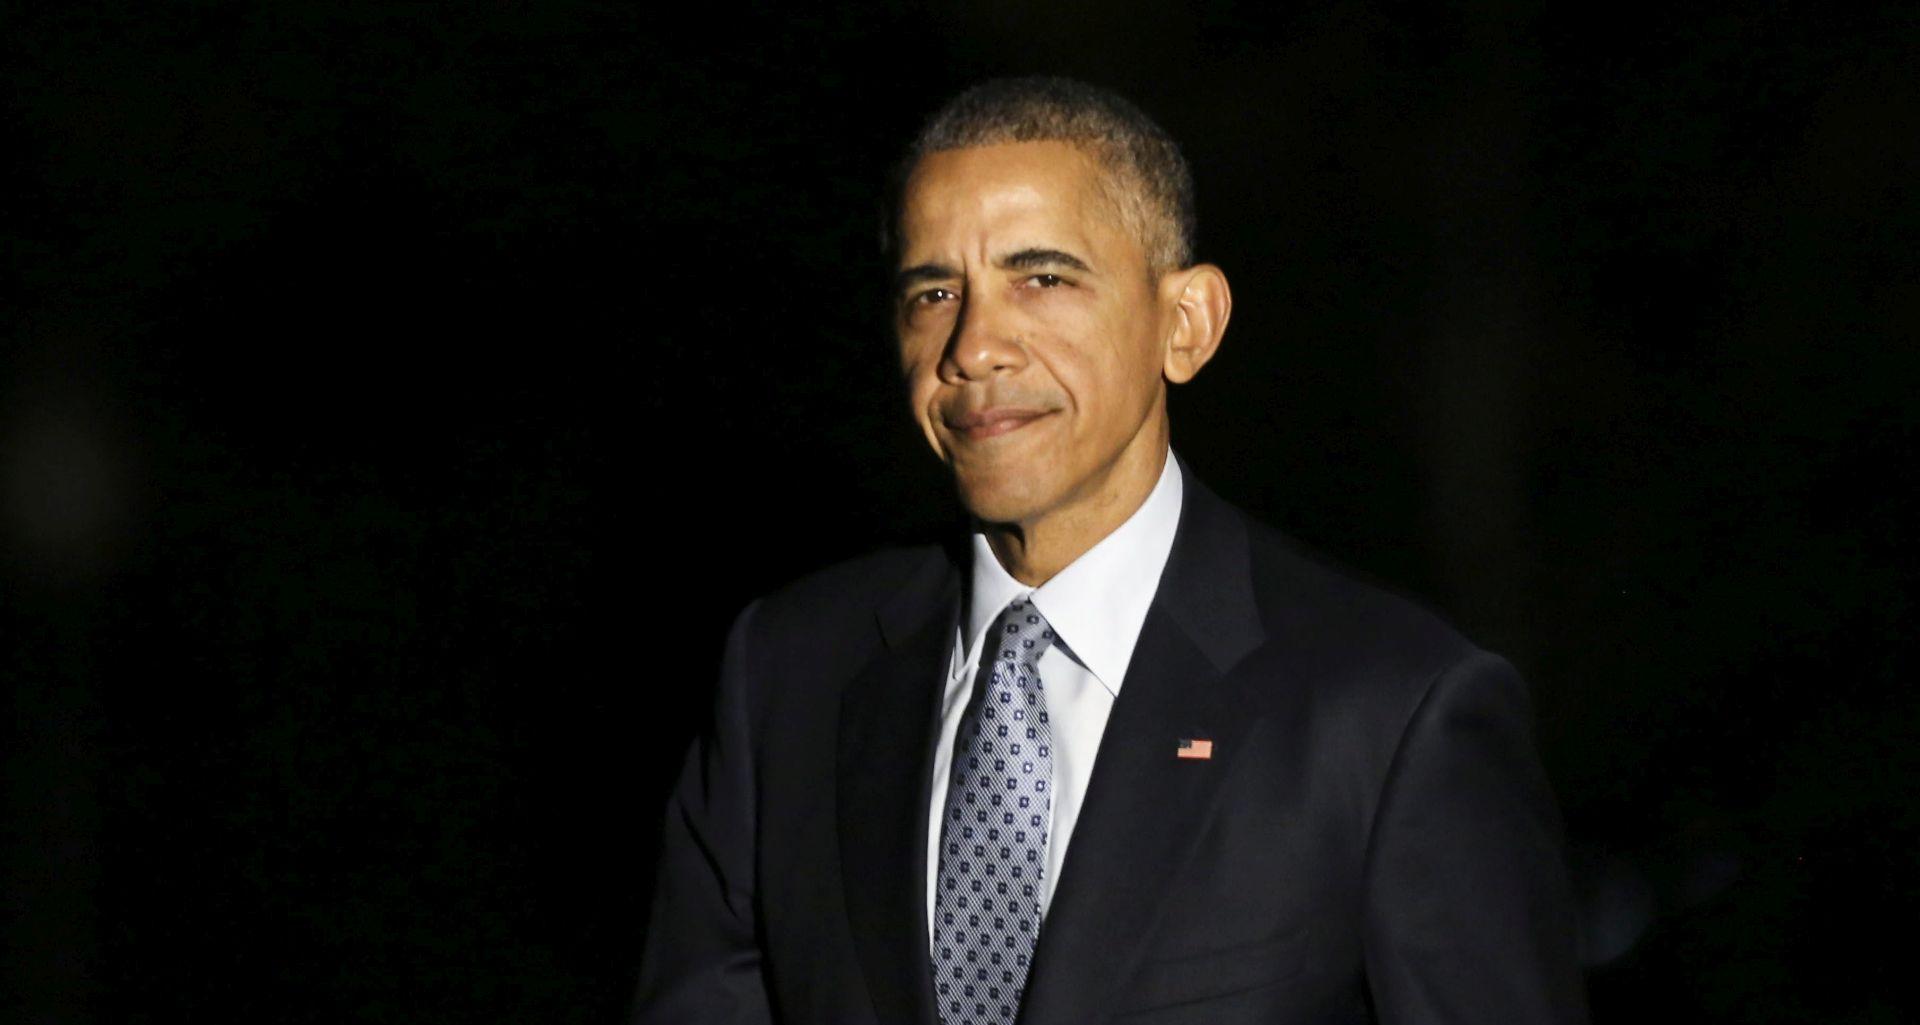 Na komemoraciji Castru Obama ne šalje službeno izaslanstvo